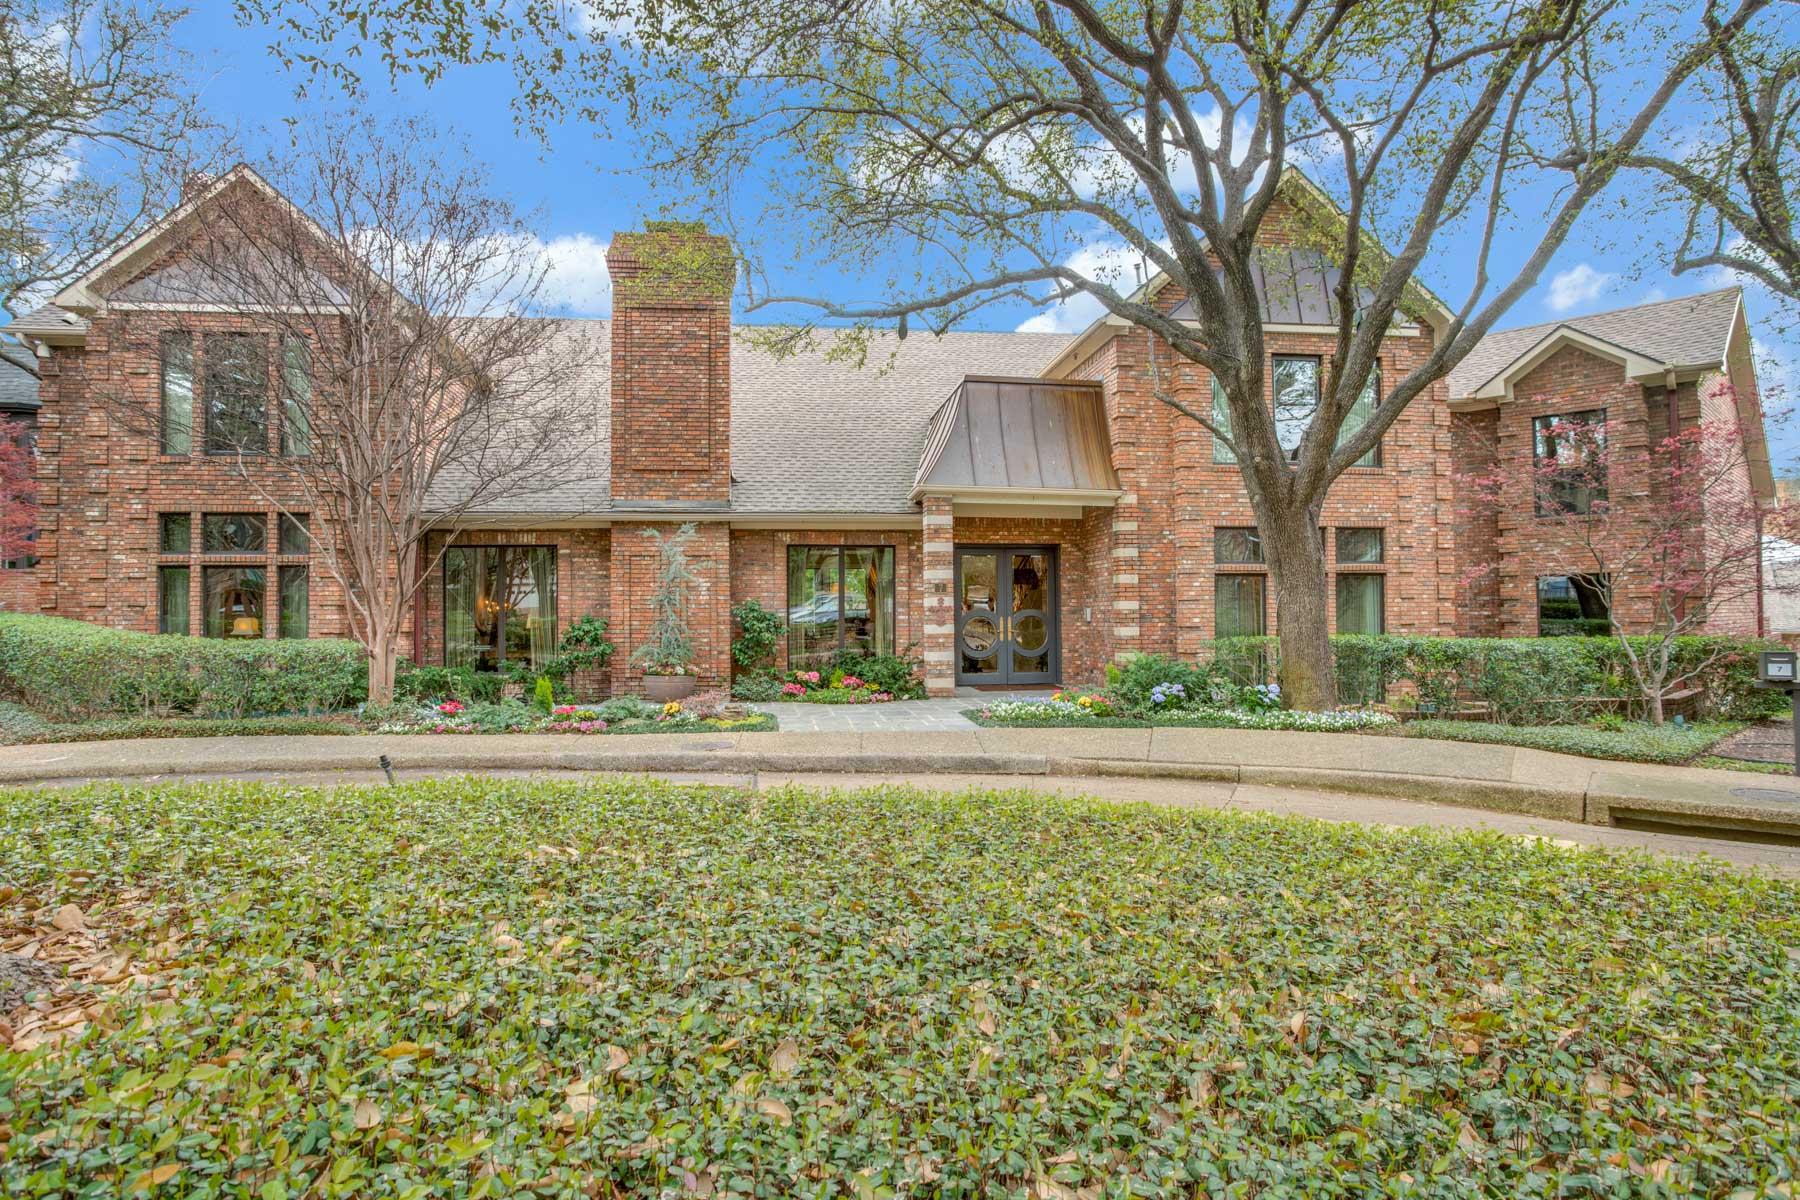 단독 가정 주택 용 매매 에 Fabulous Large Home with Great Floor Plan 7 Abbotsford Court, Dallas, 텍사스, 75225 미국